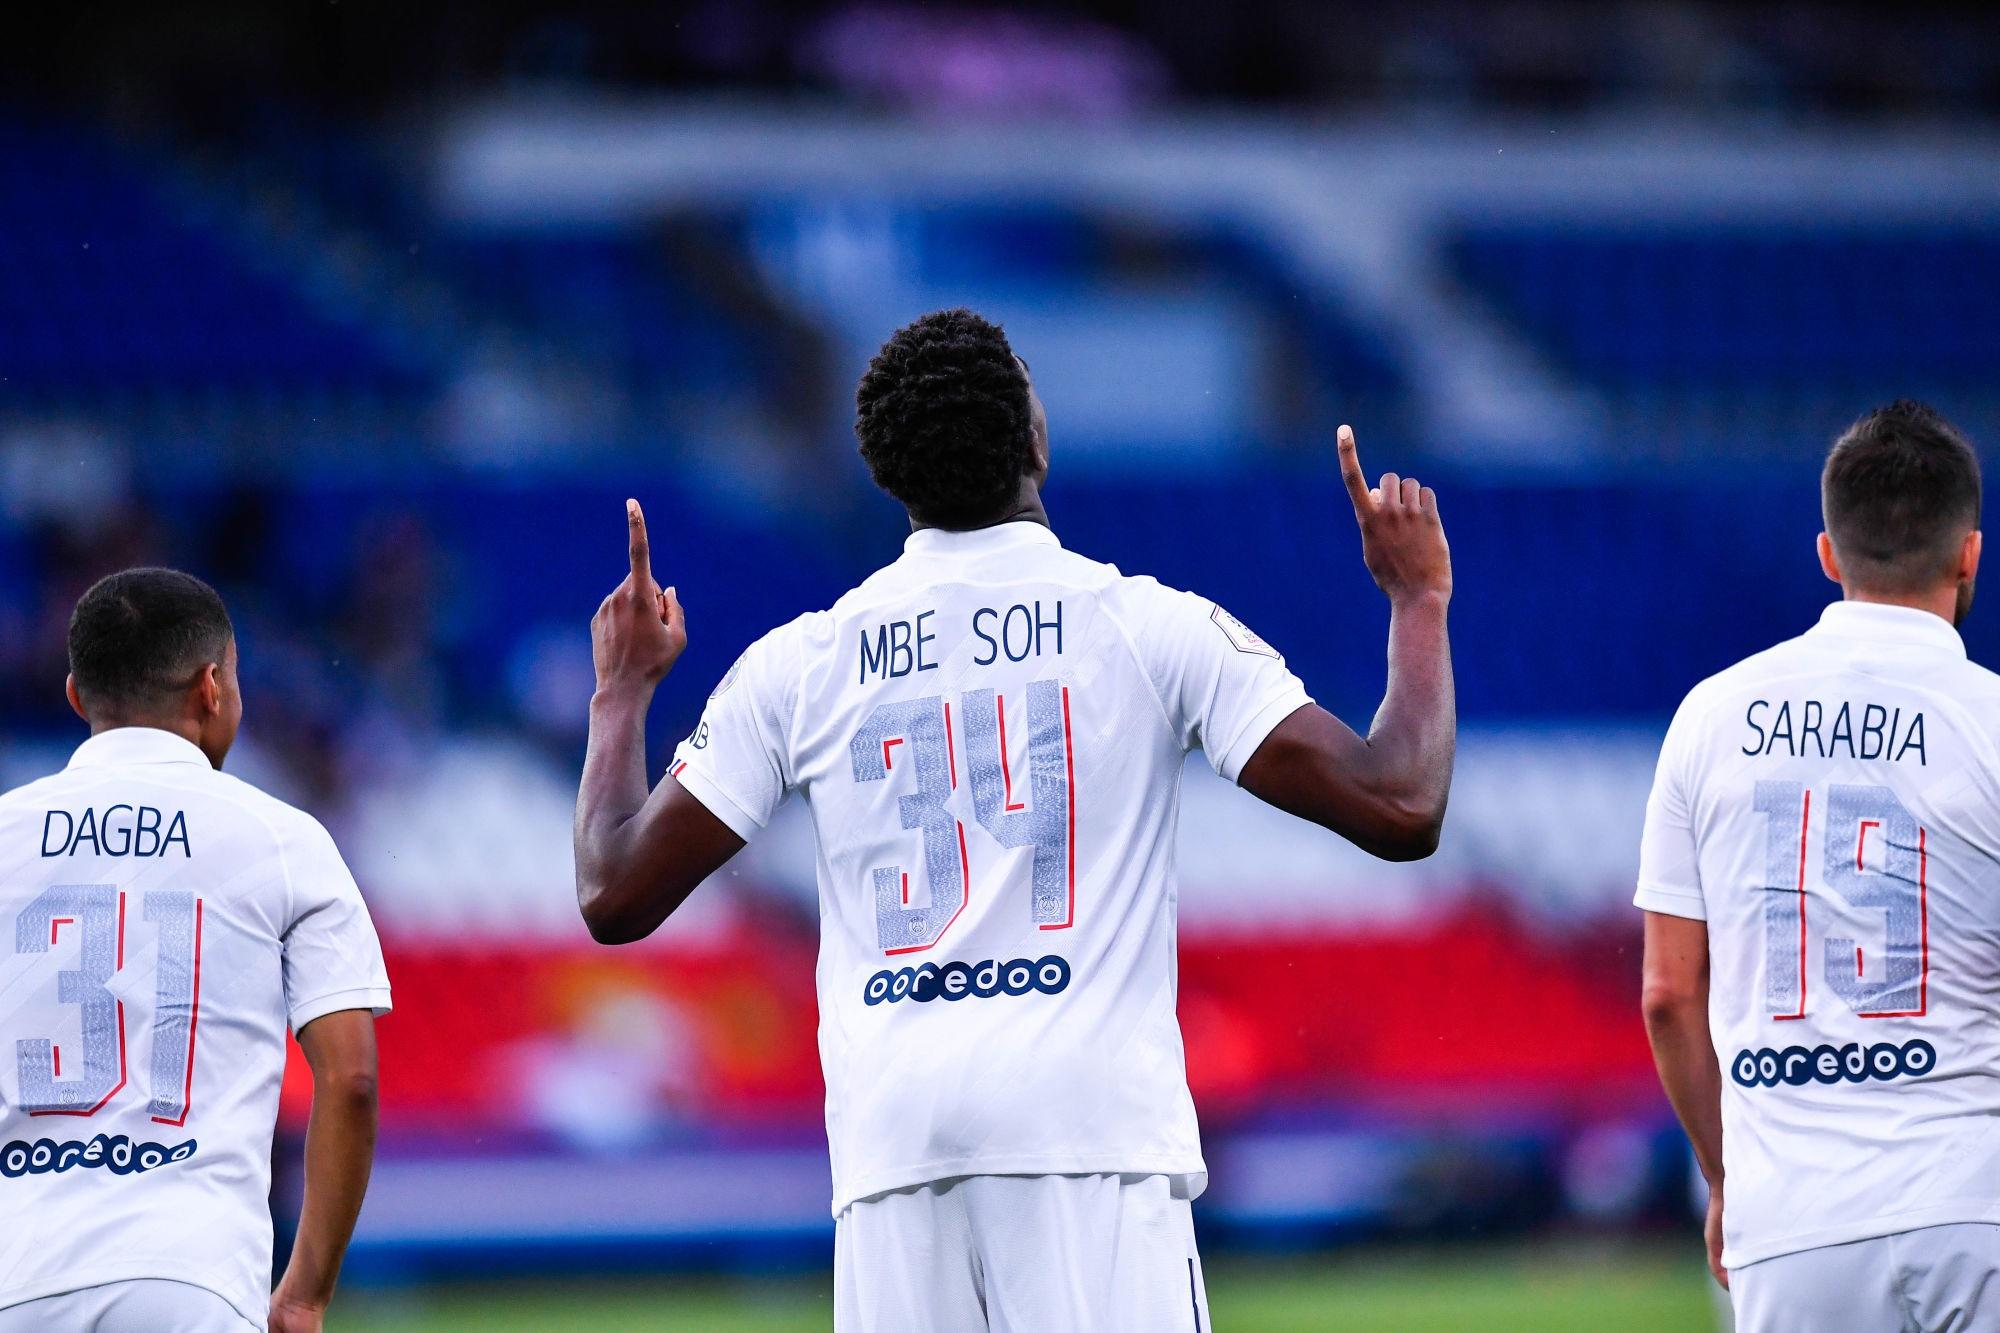 Mercato - Le PSG a proposé une prolongation de contrat à Mbe Soh, selon L'Equipe